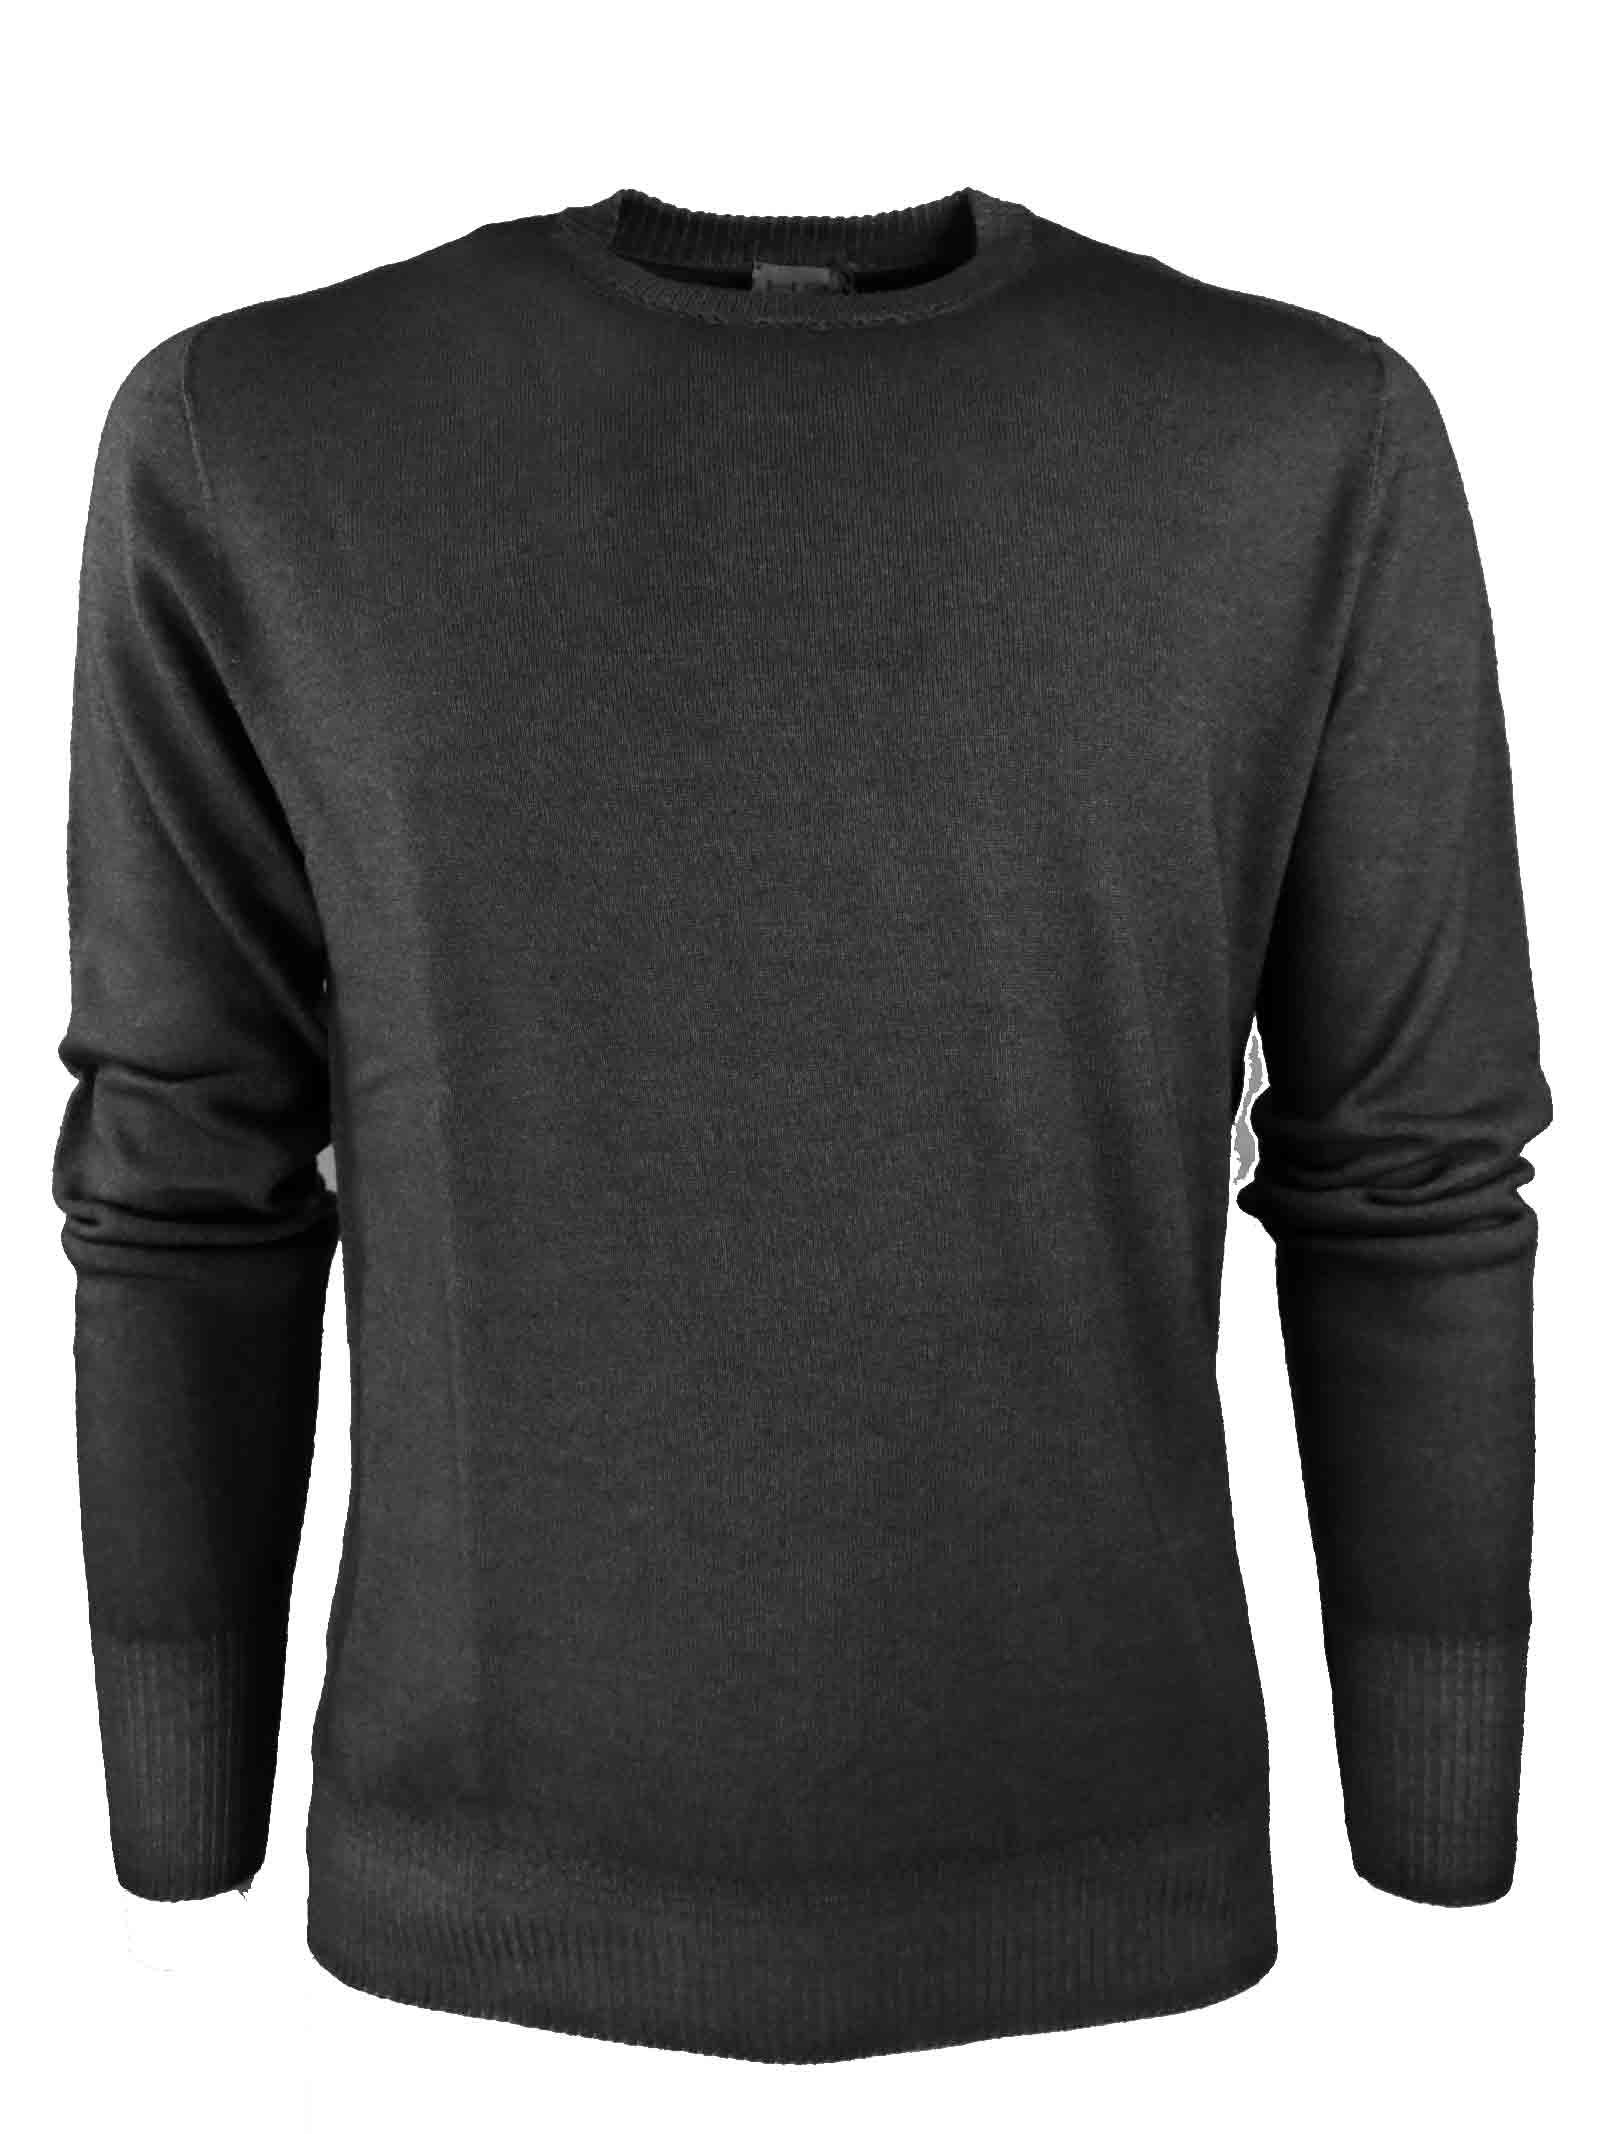 H953 | Knitwear | 294807